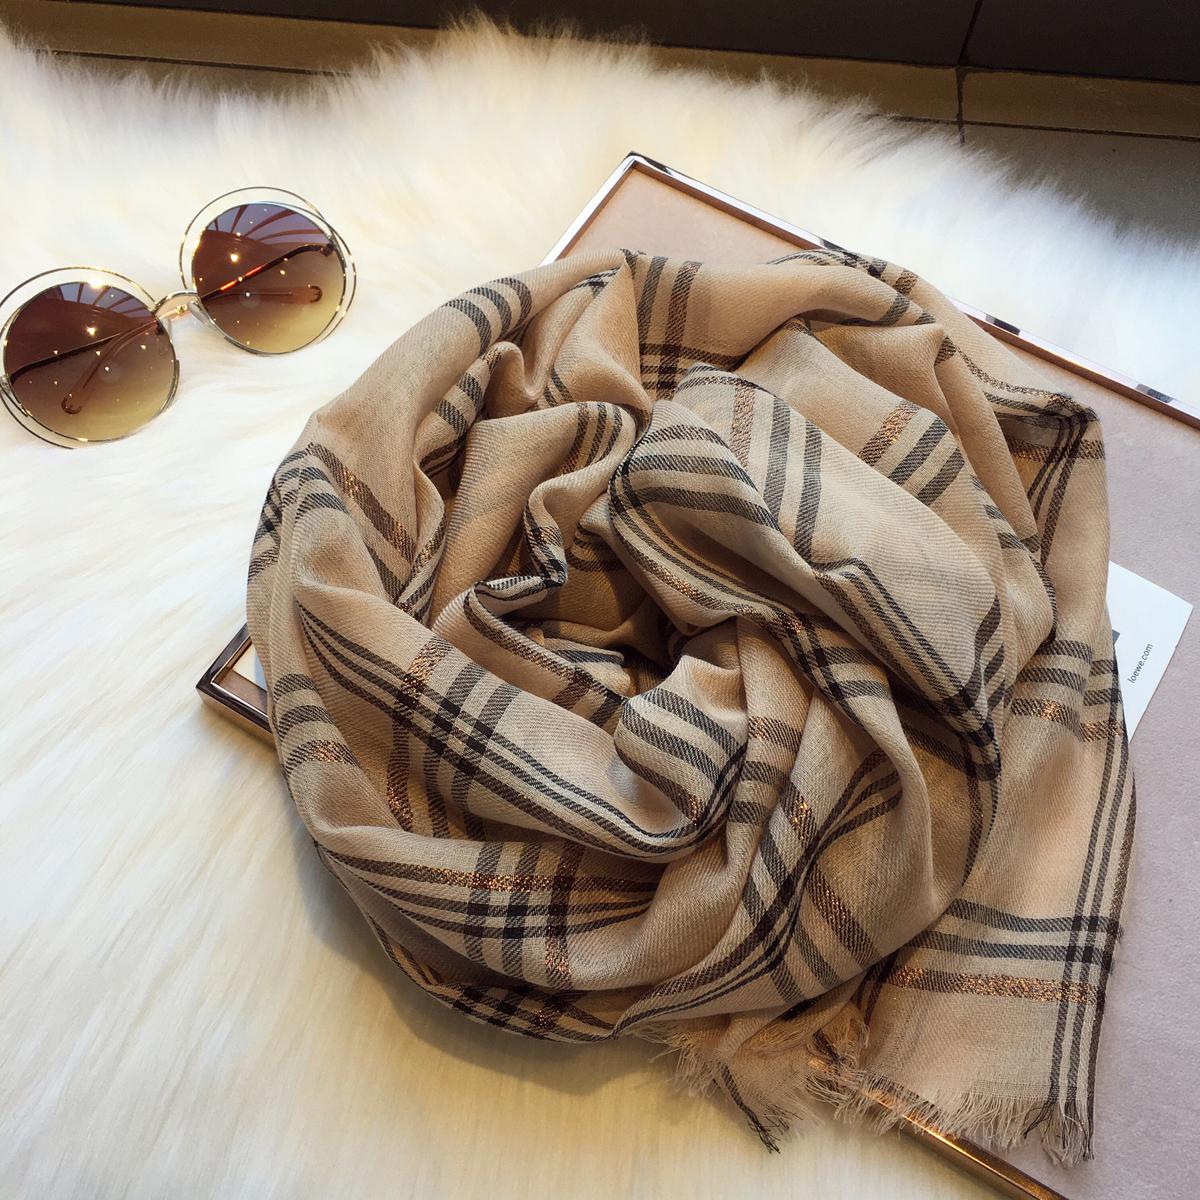 春秋季韩国东大门卡其色金丝格子超大加长披肩围脖戒指绒羊毛围巾